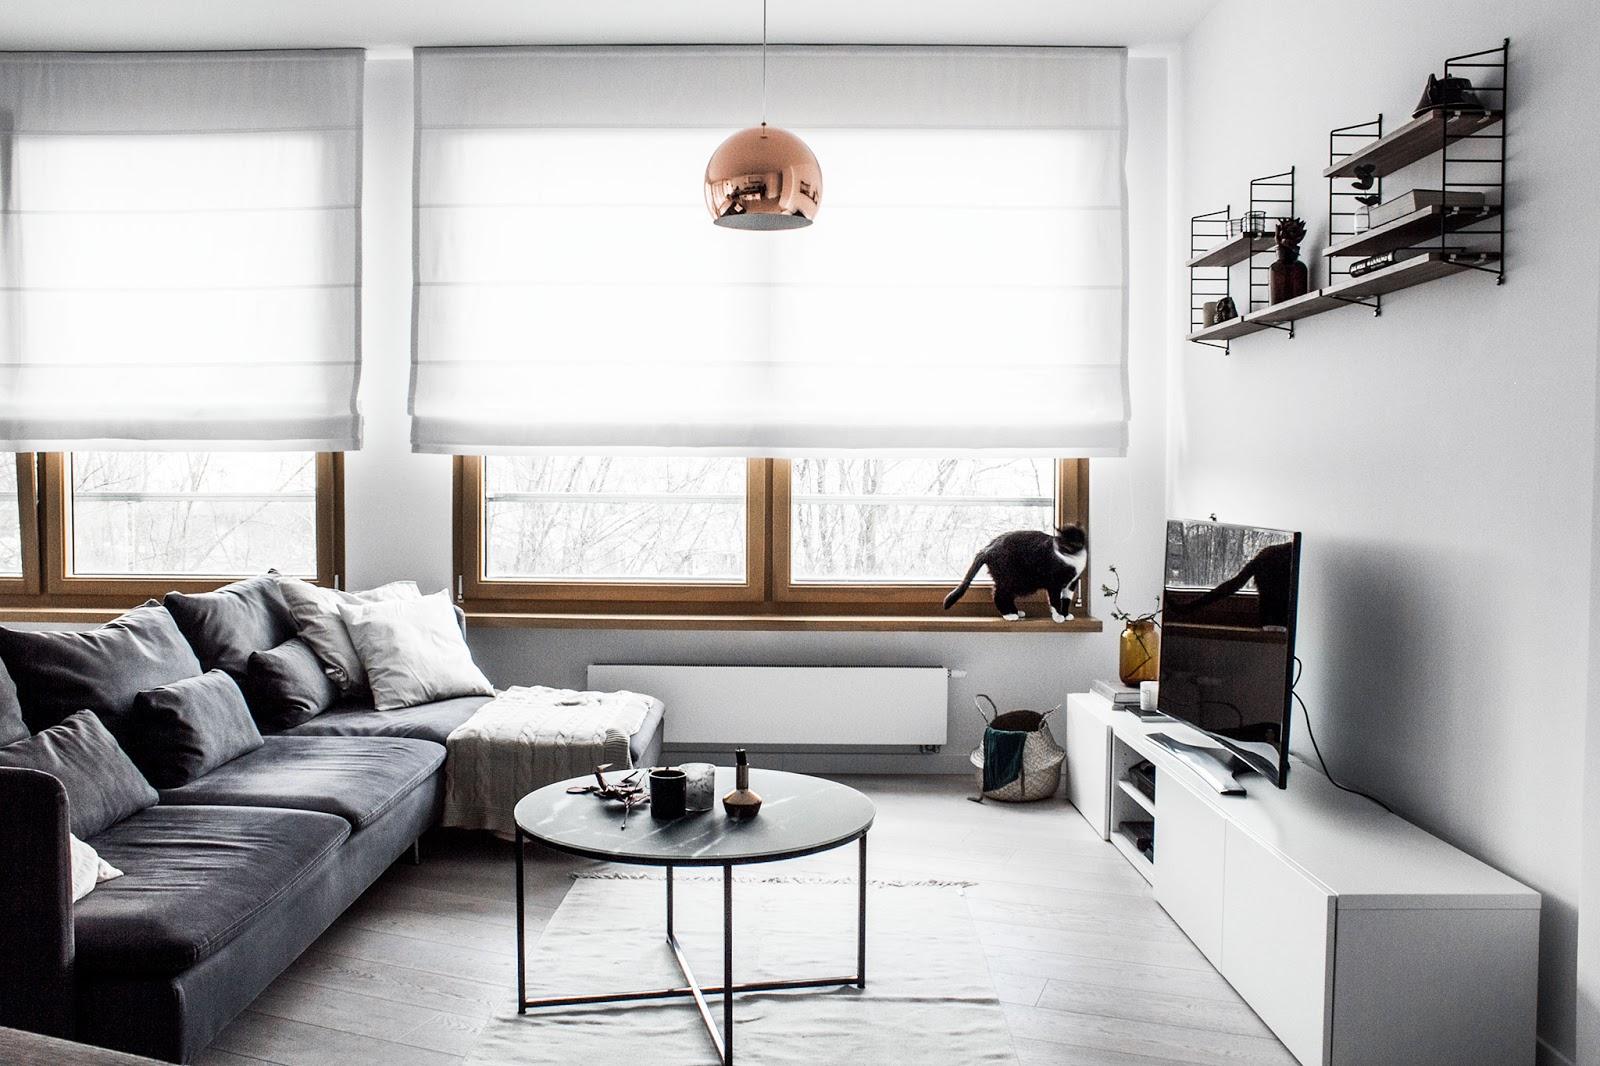 scandinavian interior design, gray sofa,